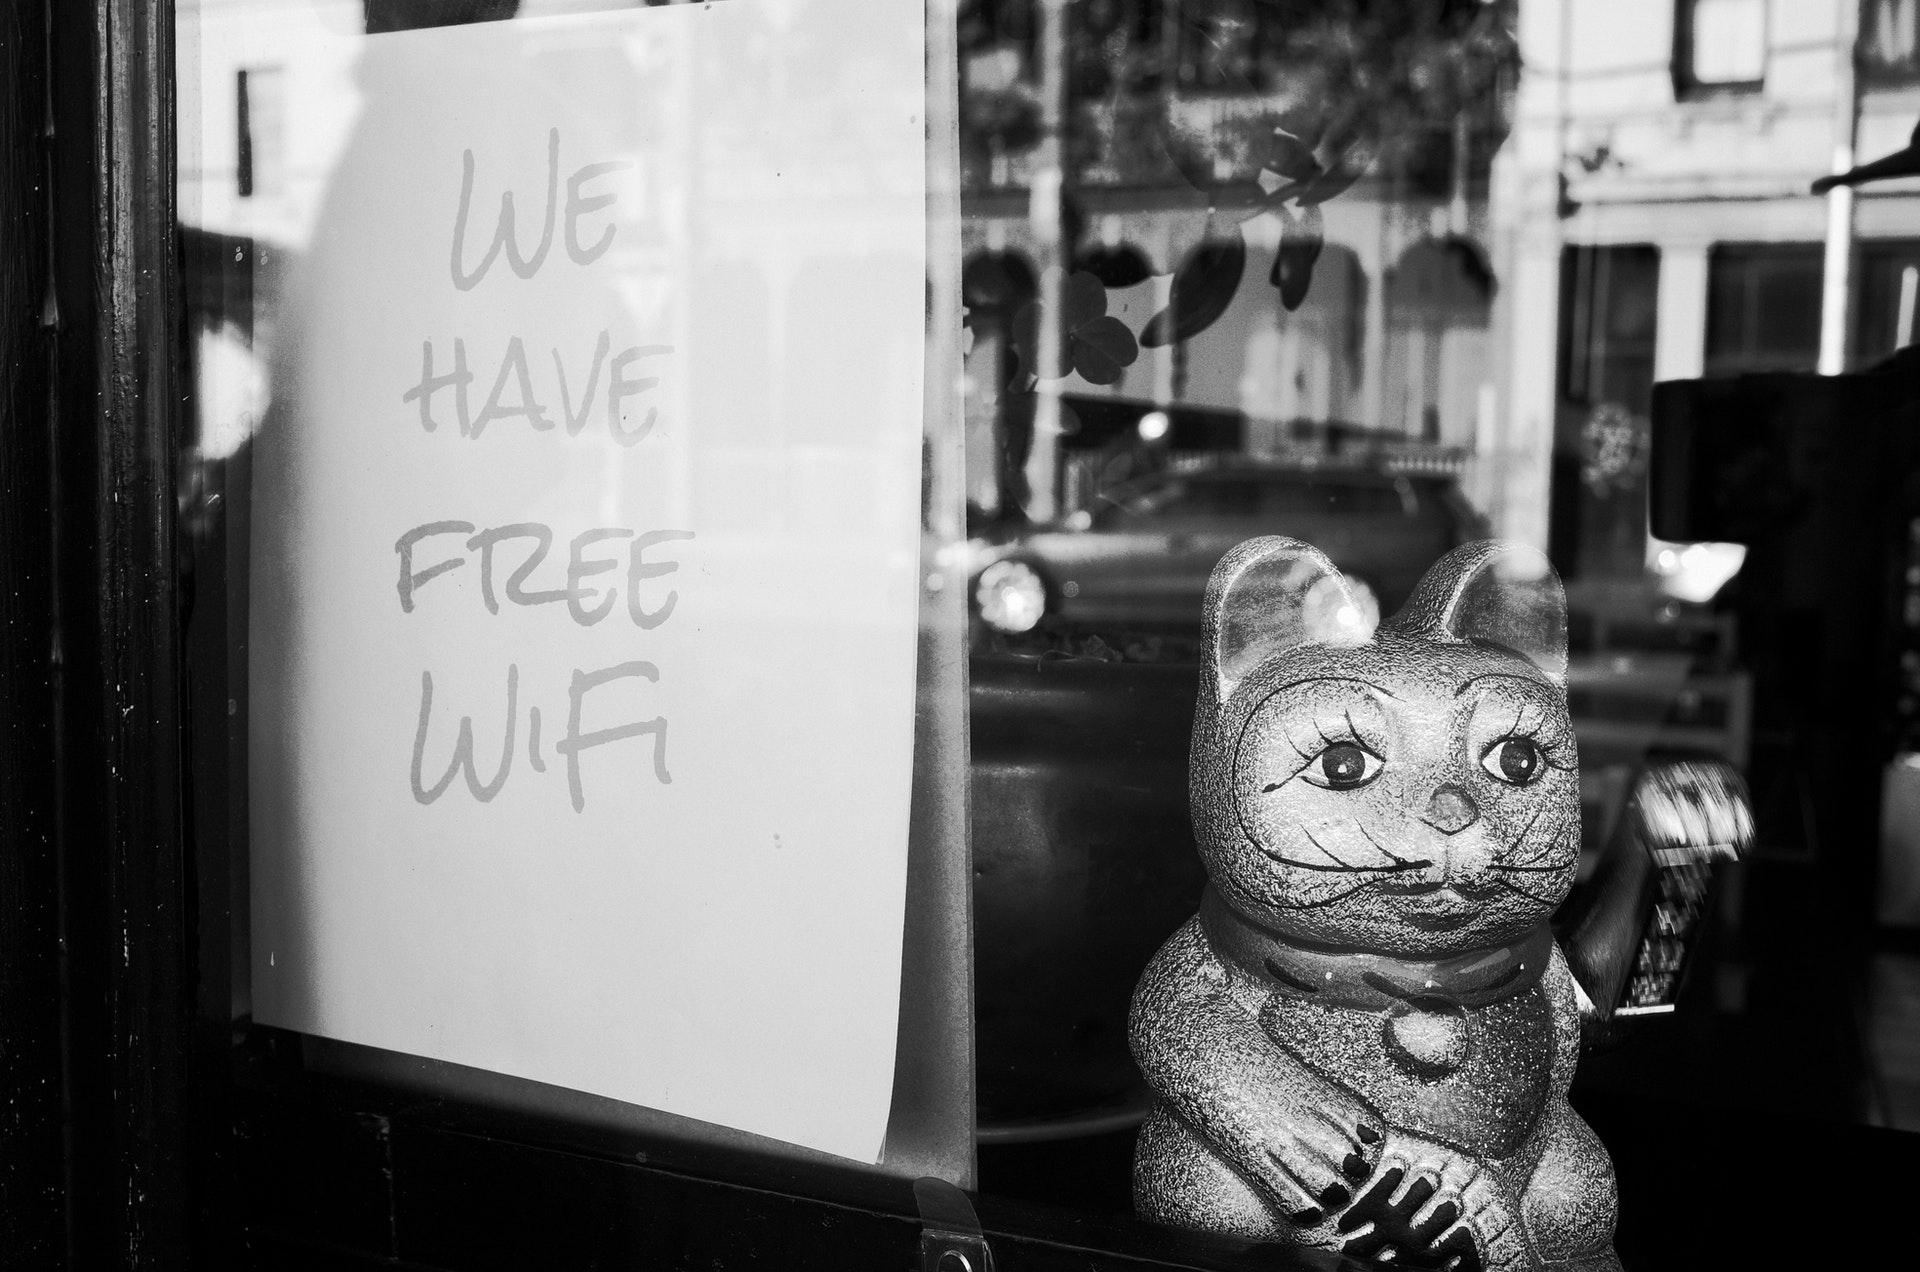 Publiczne WiFi